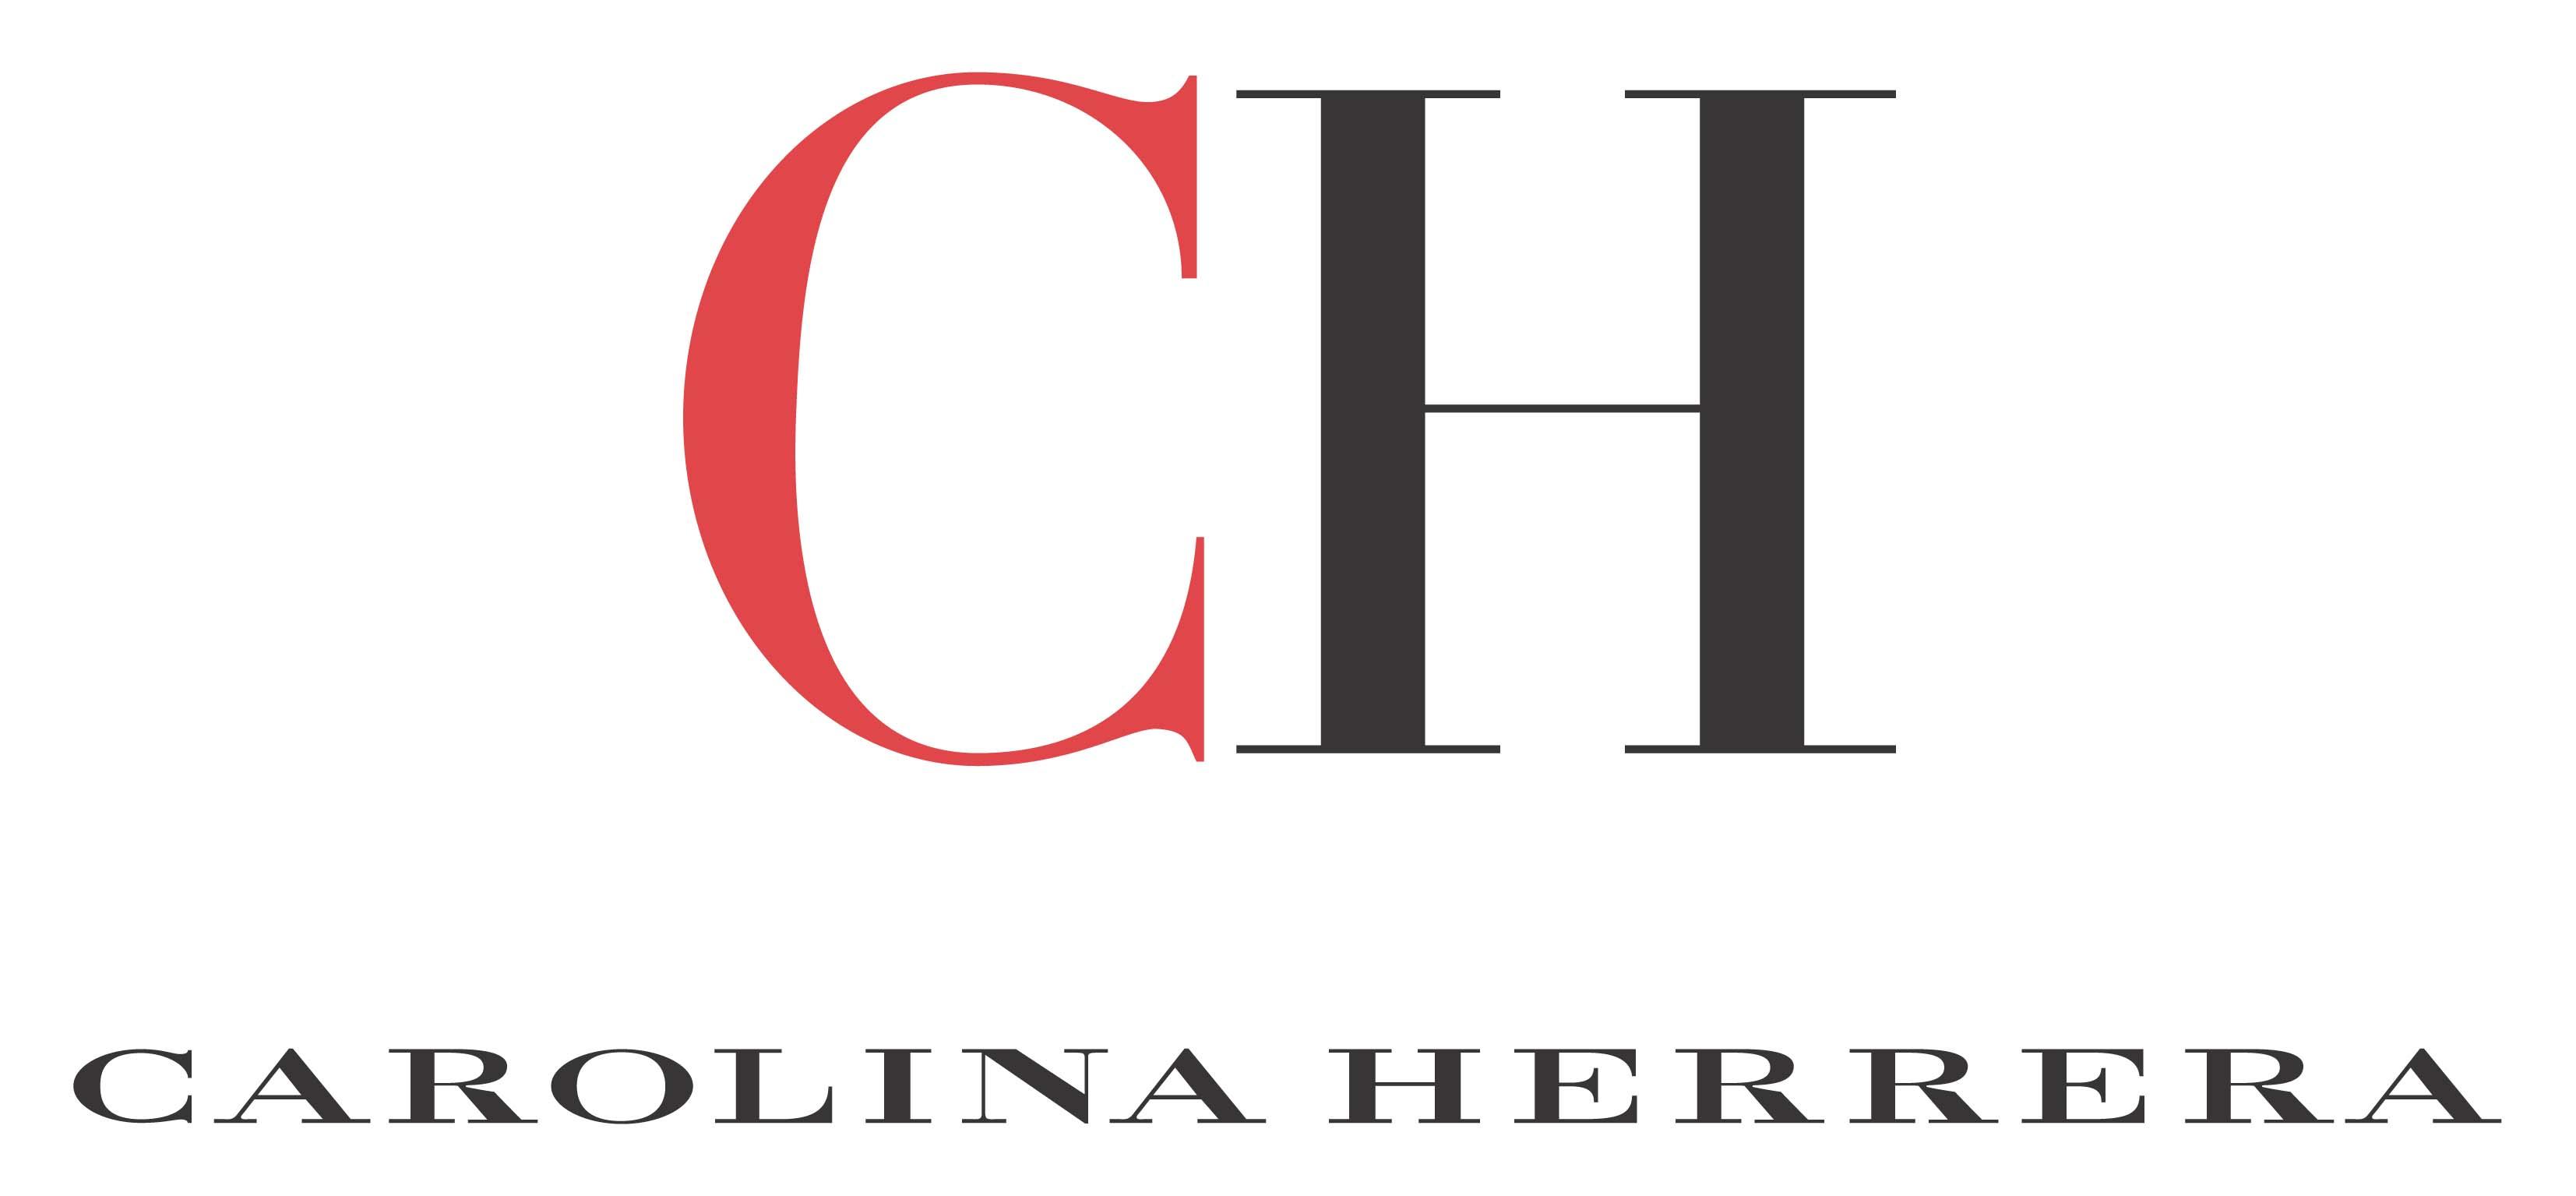 b30a0c51dc9df El imperio de Carolina Herrera se fundó en 1981. Inspirados en Nueva York,  sus diseños visten a multitud de celebridades, que los lucen en los más ...